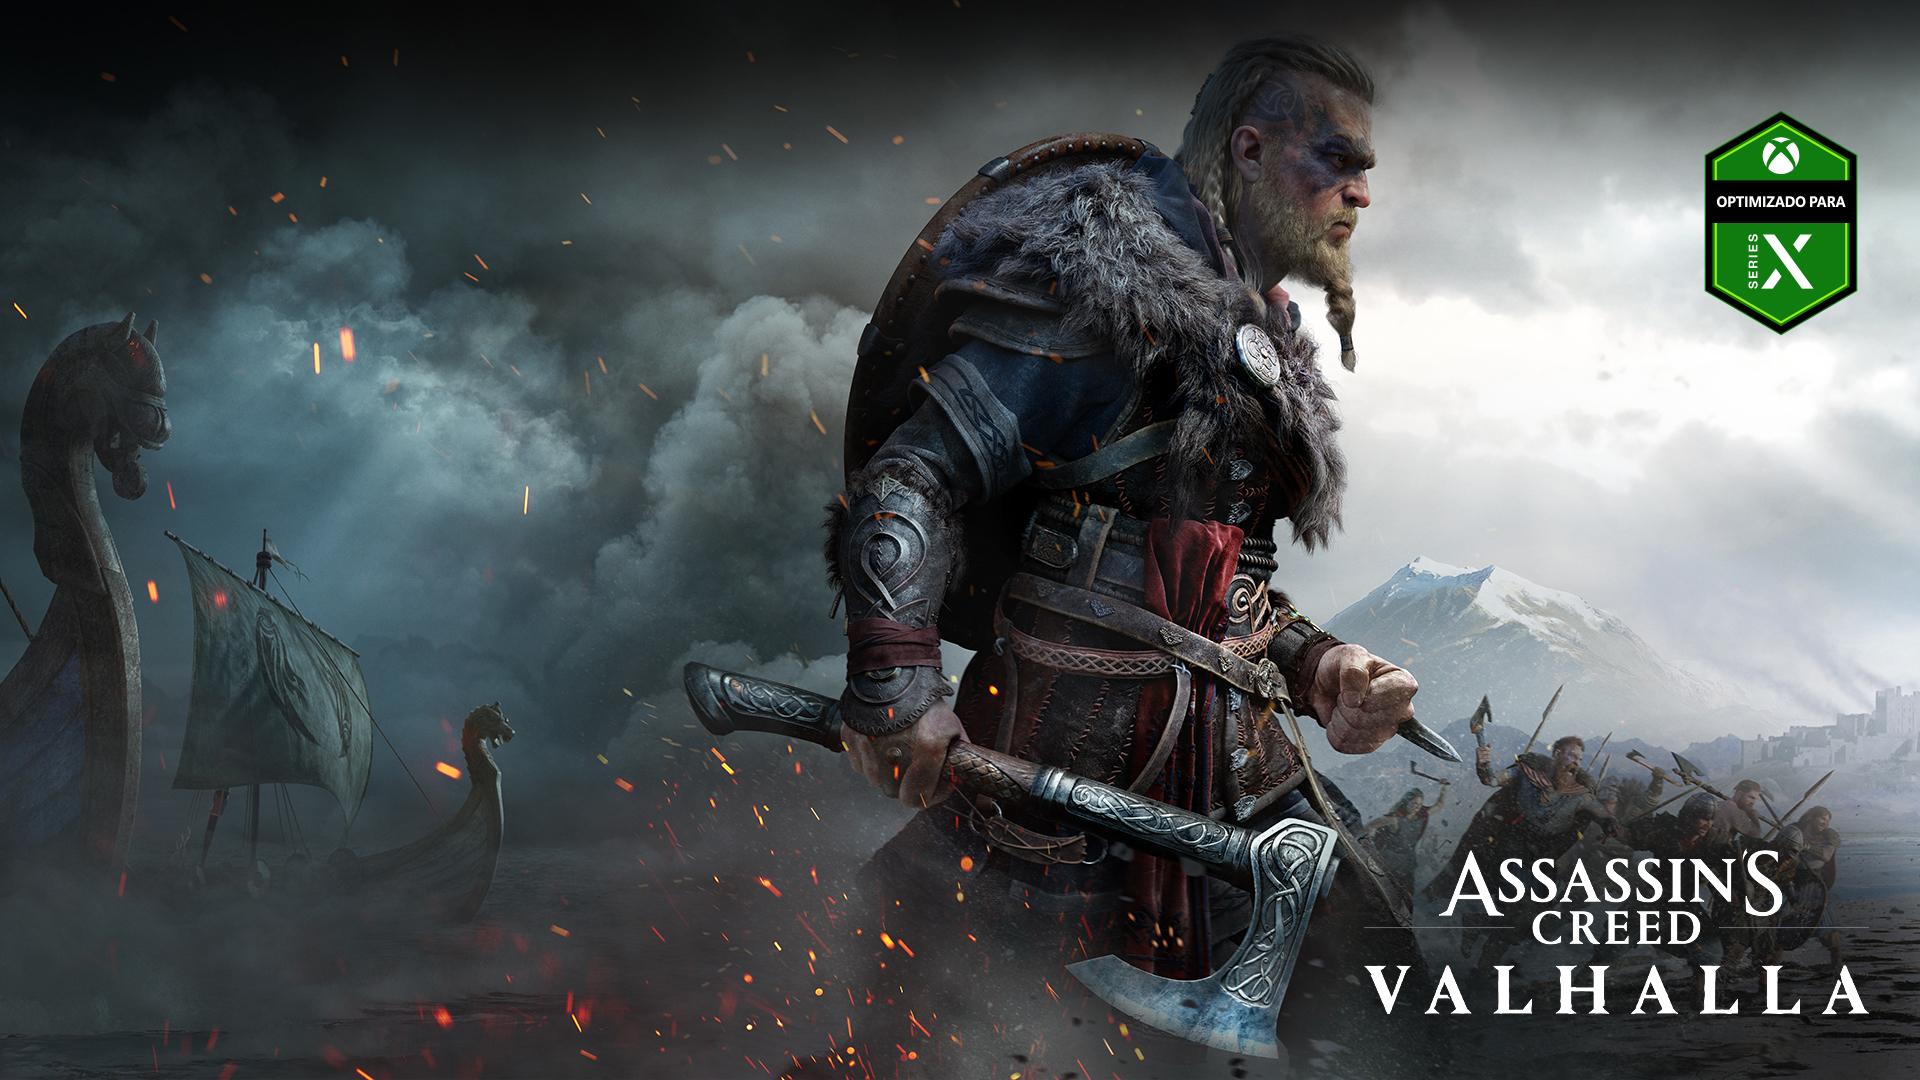 Logotipo de Optimizado para Xbox Series X, Assassin's Creed Valhalla, personaje con un hacha, barcos en la niebla y una batalla.